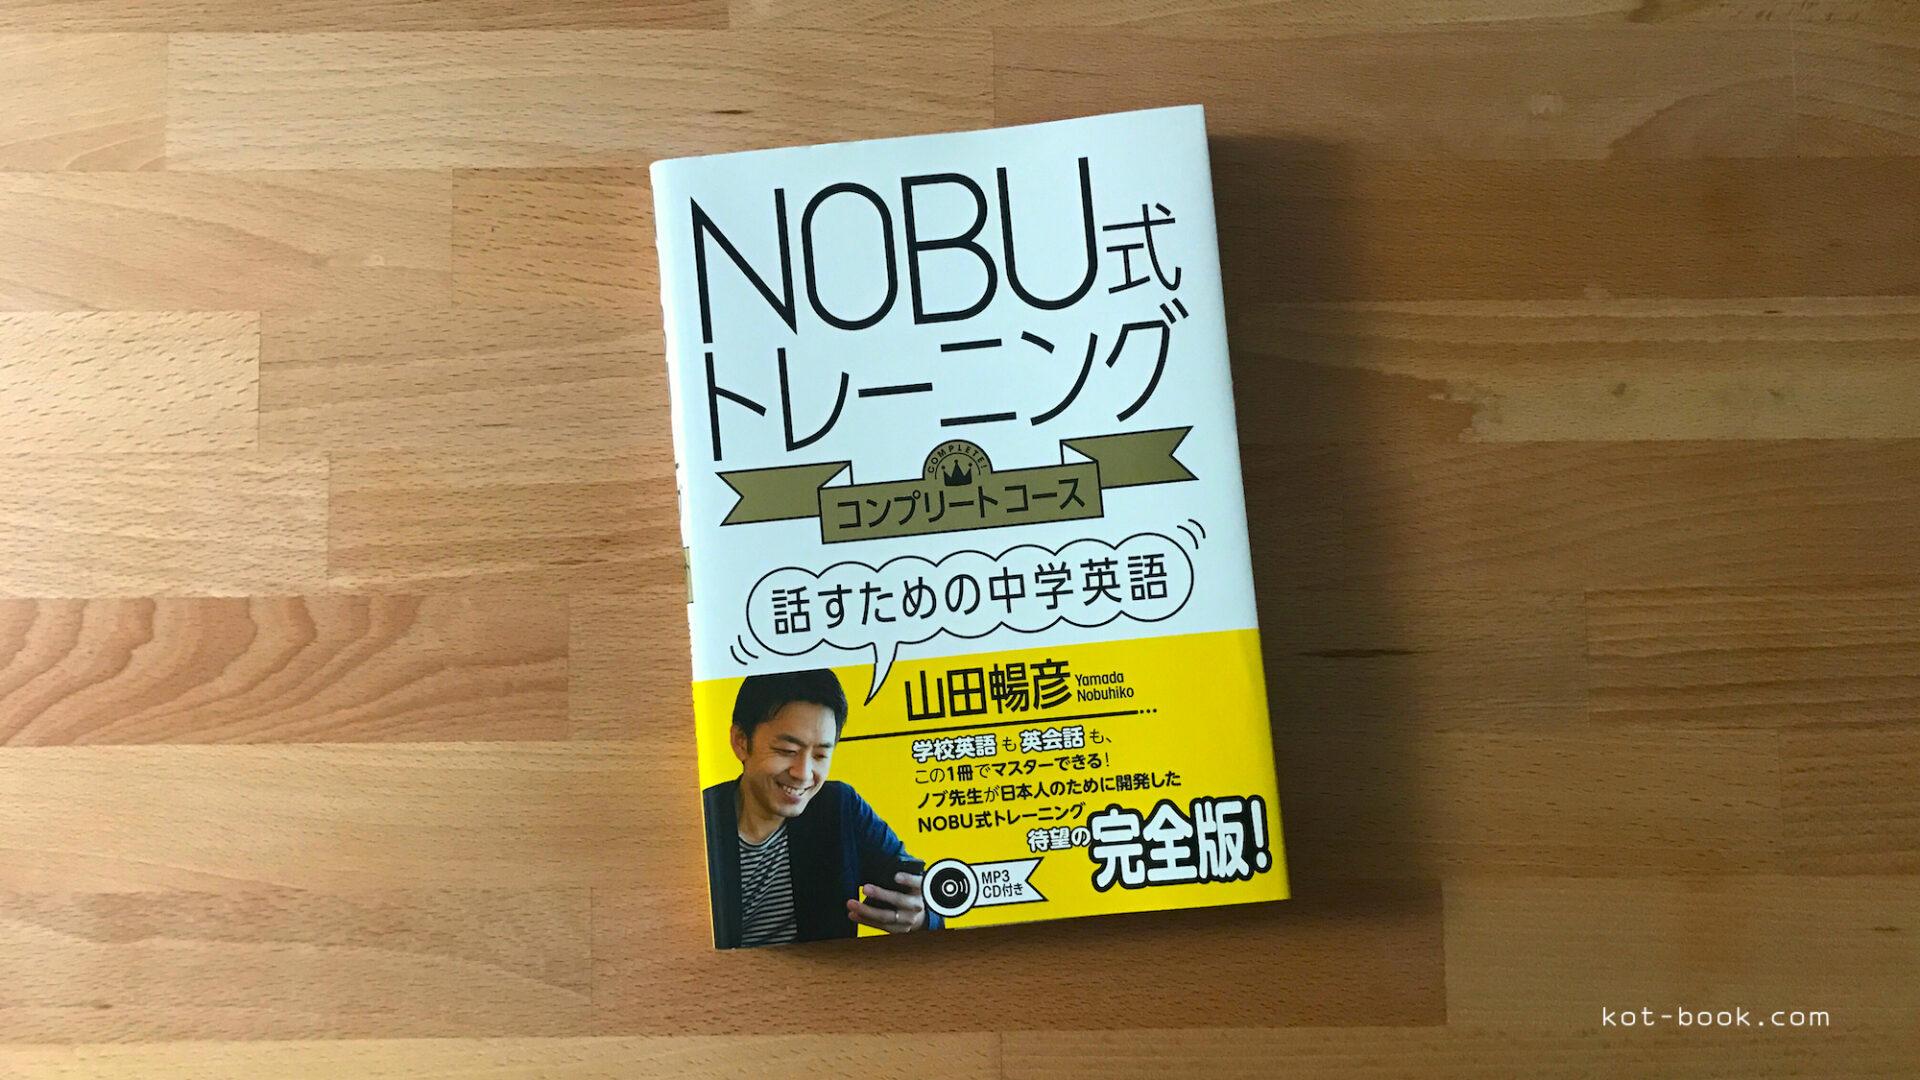 【瞬間英作文におすすめ】解説がわかりやすい!飽きずに英語を続けられる本『NOBU式トレーニング』